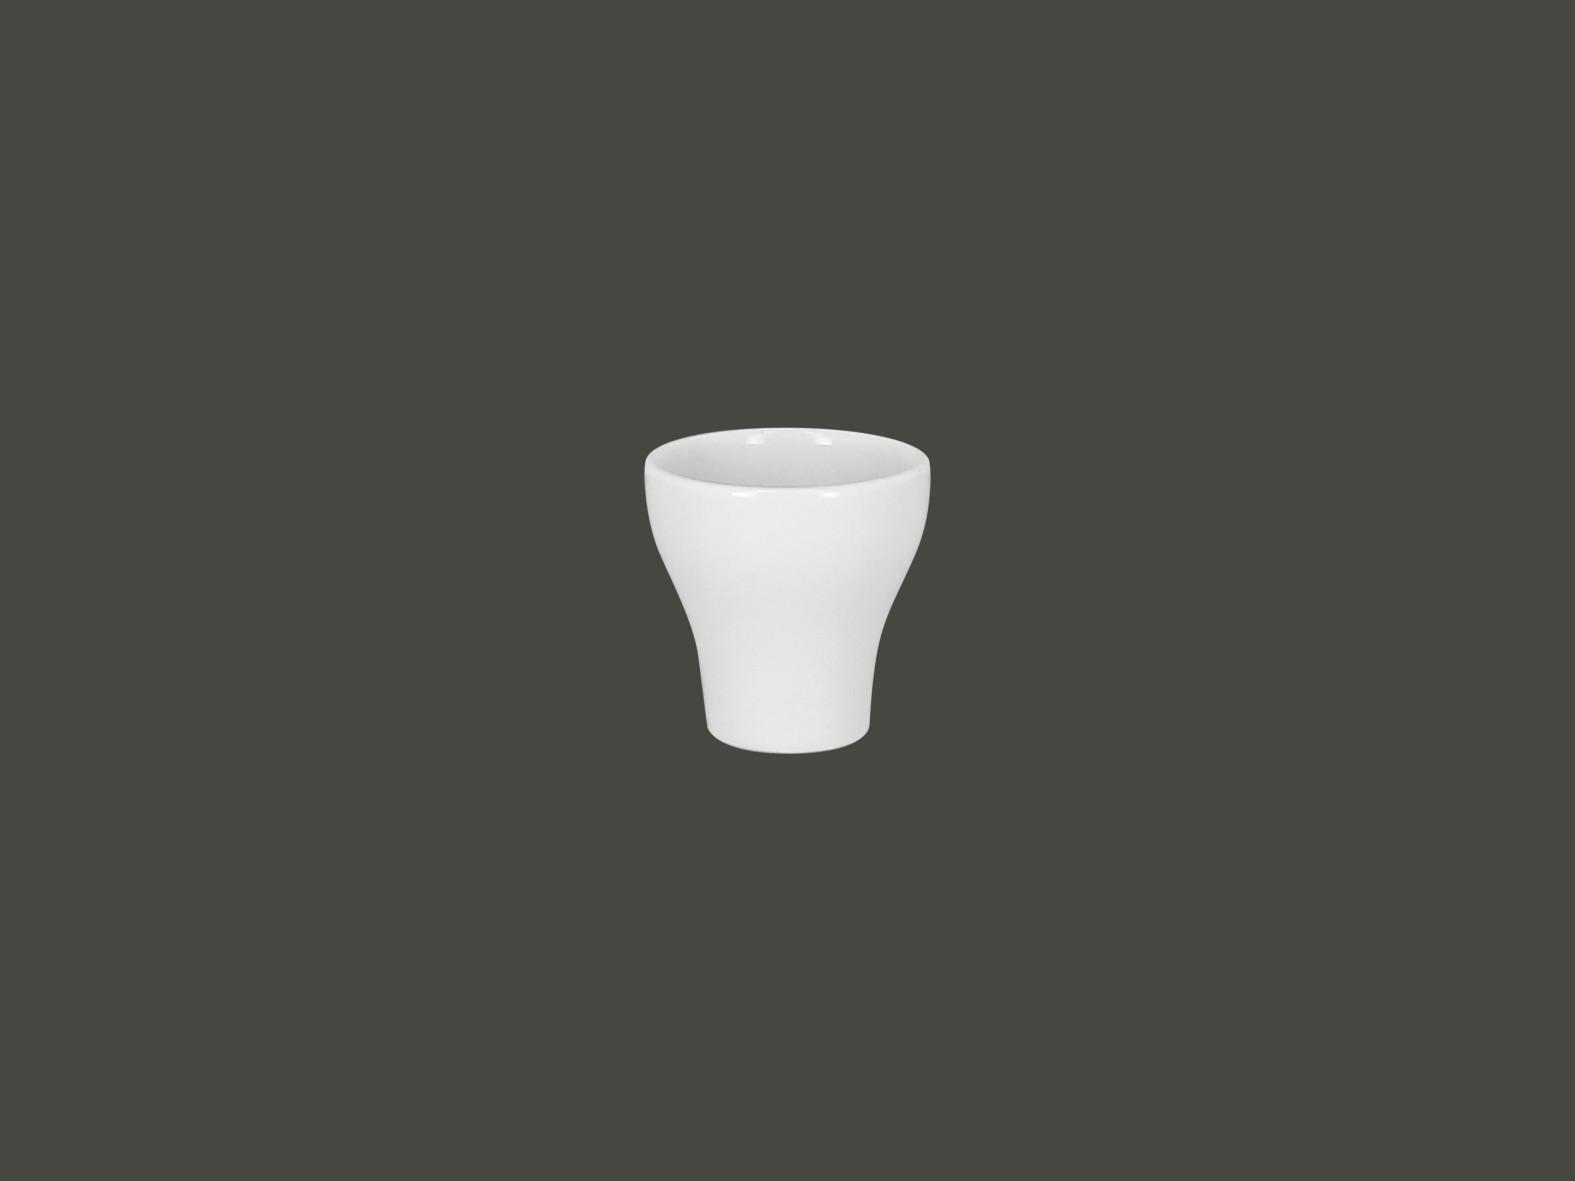 Moon šálek na vejce/sake 4 cl